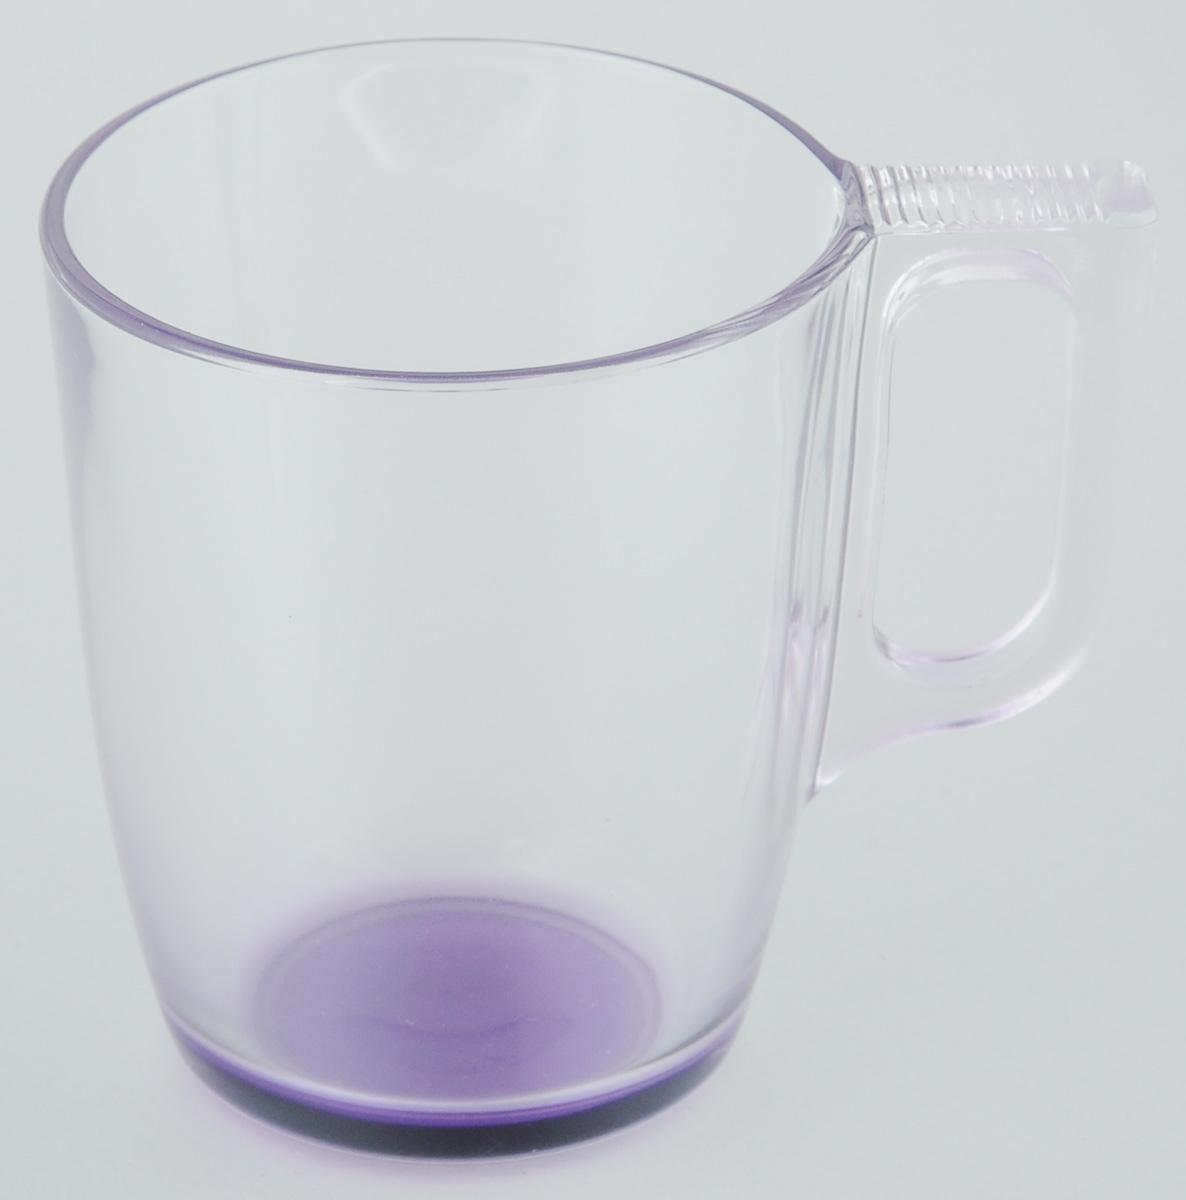 Кружка Luminarc, 250 мл24709Кружка Luminarc, изготовленная из прочного темного стекла, прекрасно подойдет для подачи горячих и холодных напитков. Она дополнит коллекцию вашей кухонной посуды и будет служить долгие годы. Диаметр кружки (по верхнему краю): 7,3 см. Высота кружки: 8 см.